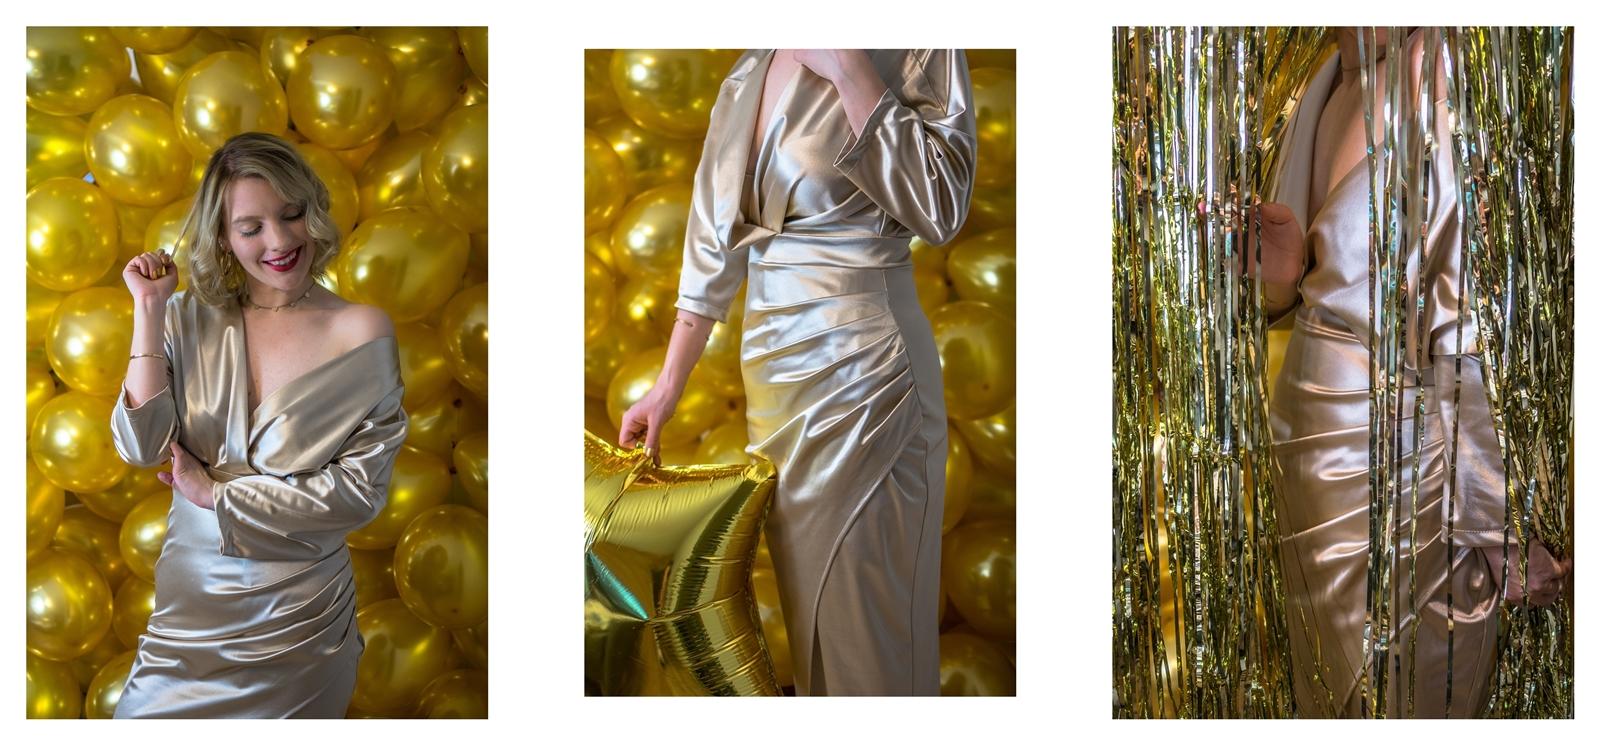 8a sukienki sylwestrowe z długim rękawem z dekoltem z frędzlami i cekinami błyszczące w co się ubrać na sylwestra jak się ubrać na bal sylwestrowy szkolny studniówkowy studniówka stylizacja